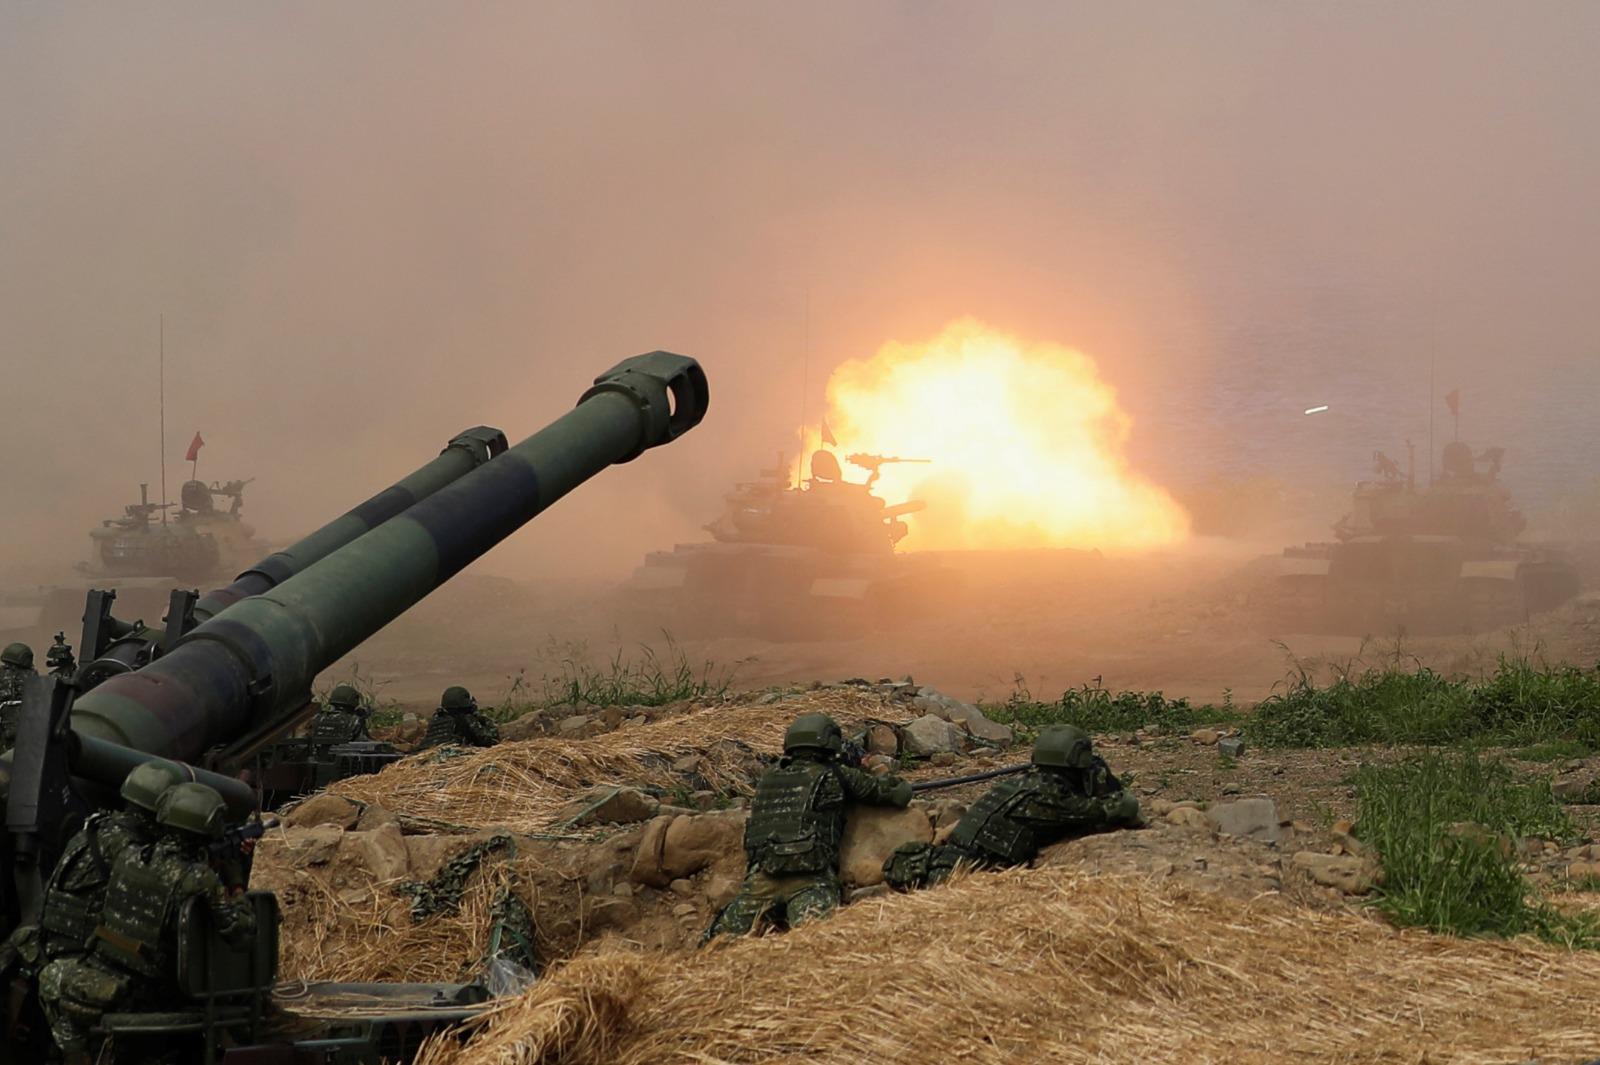 صورة الحرب على الأبواب: مواجهات عسكرية أمريكية-صينية